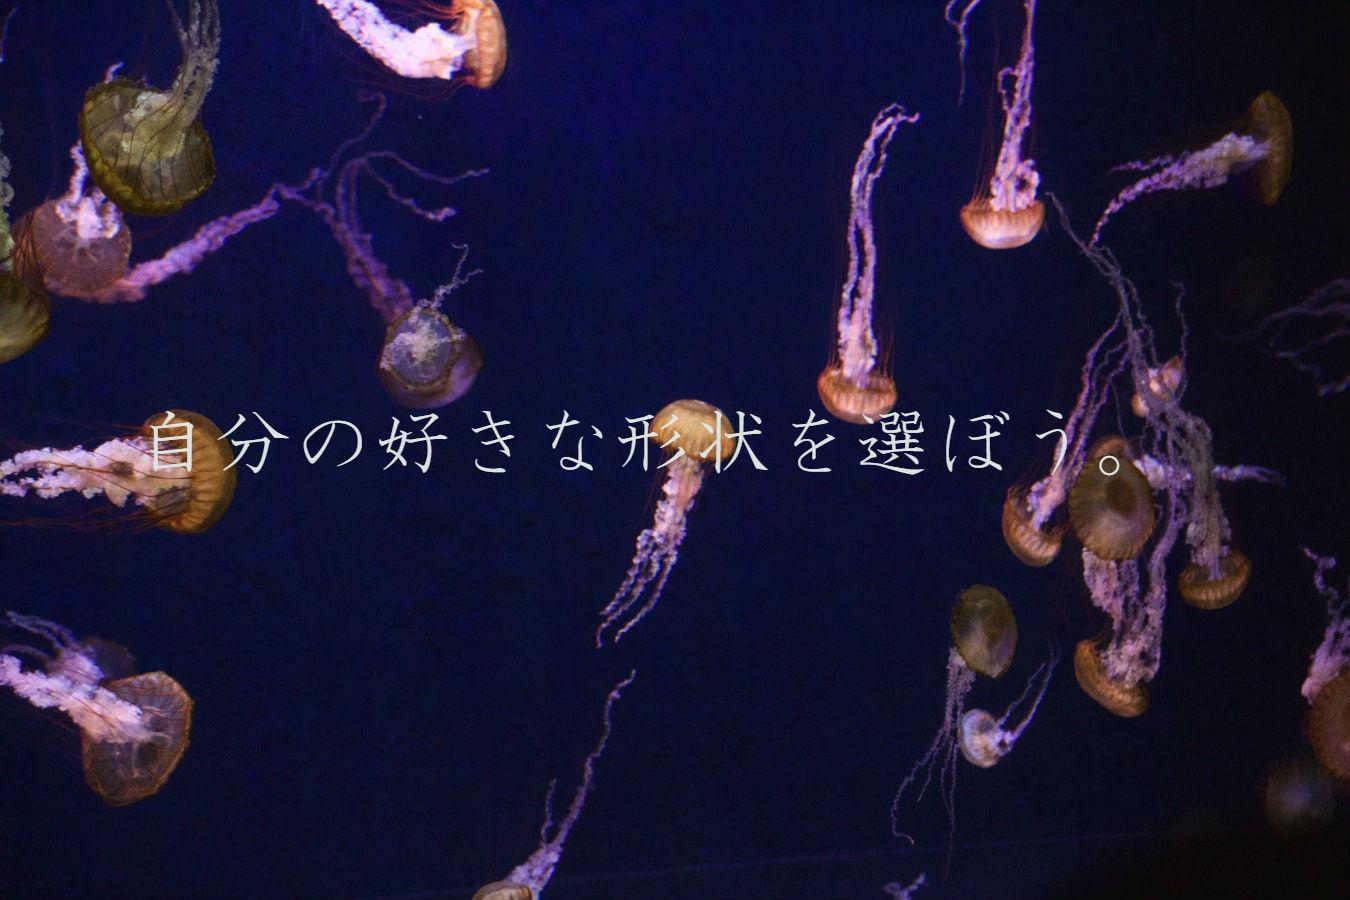 クラゲの画像